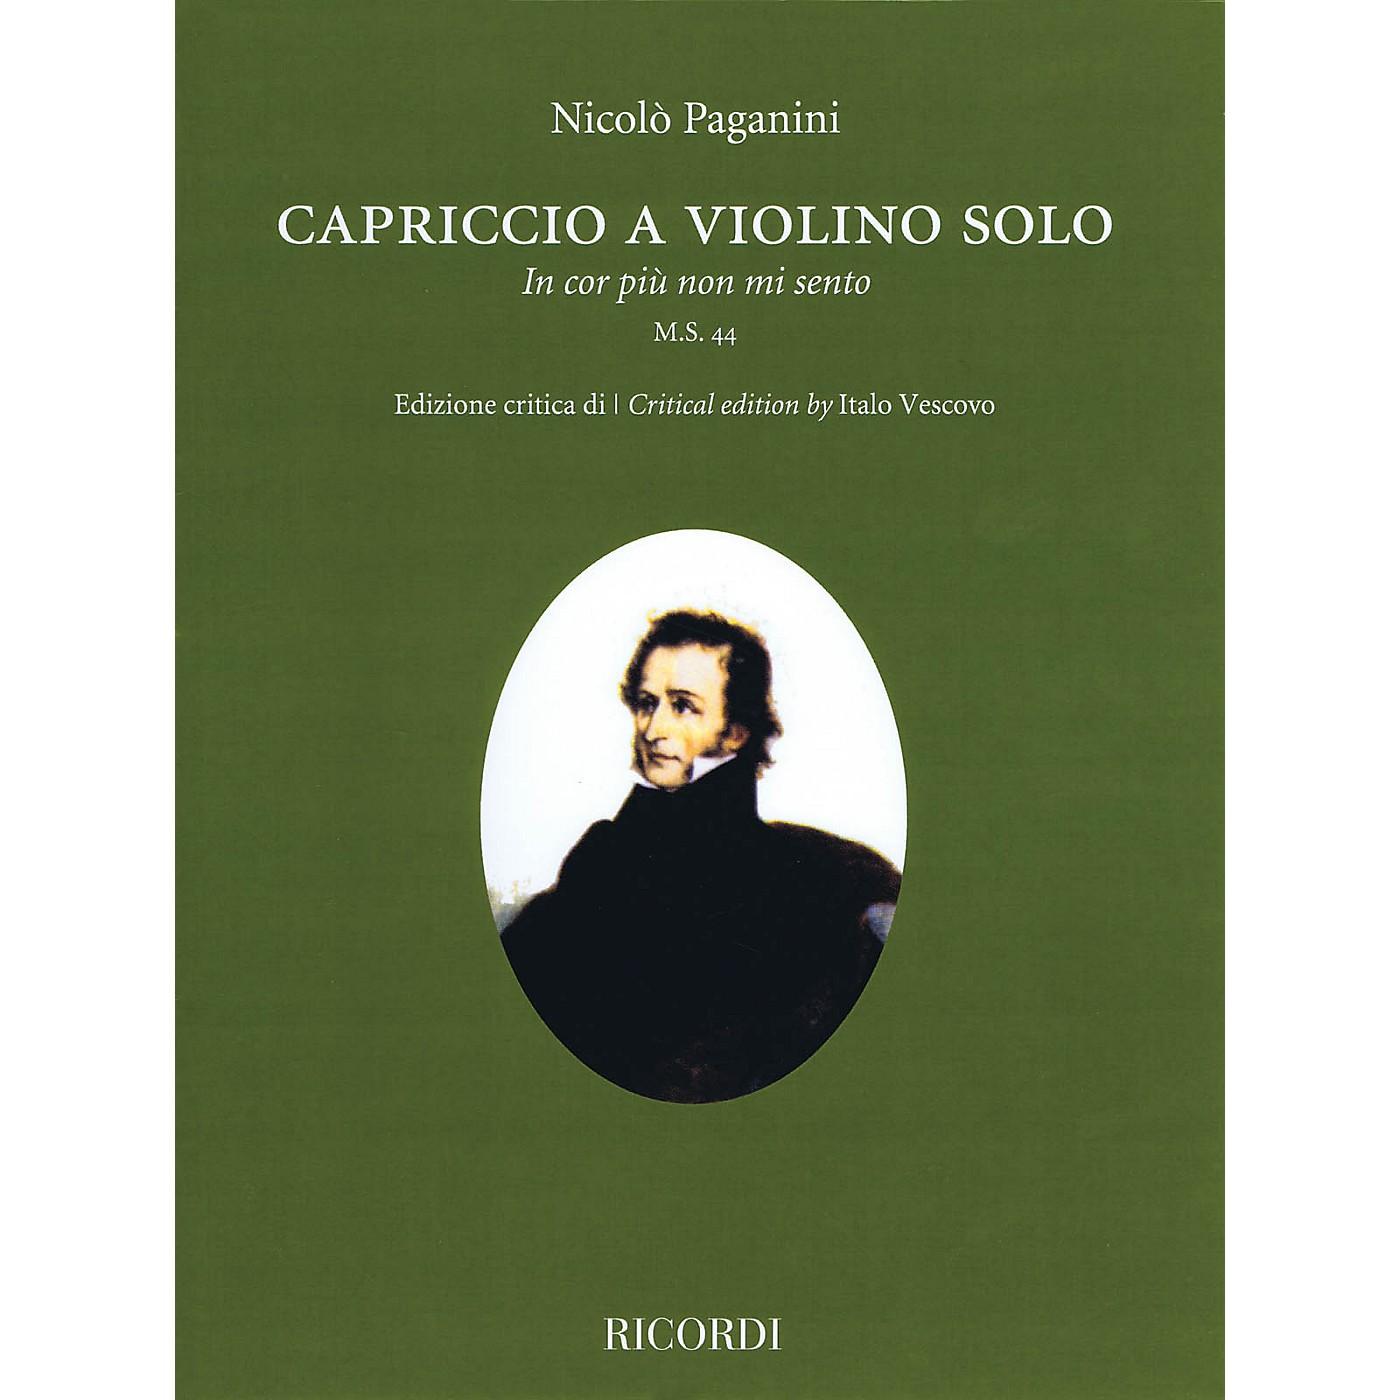 Ricordi Capriccio (In cor piu non mi sento) M.S. 44 Violin Solo thumbnail